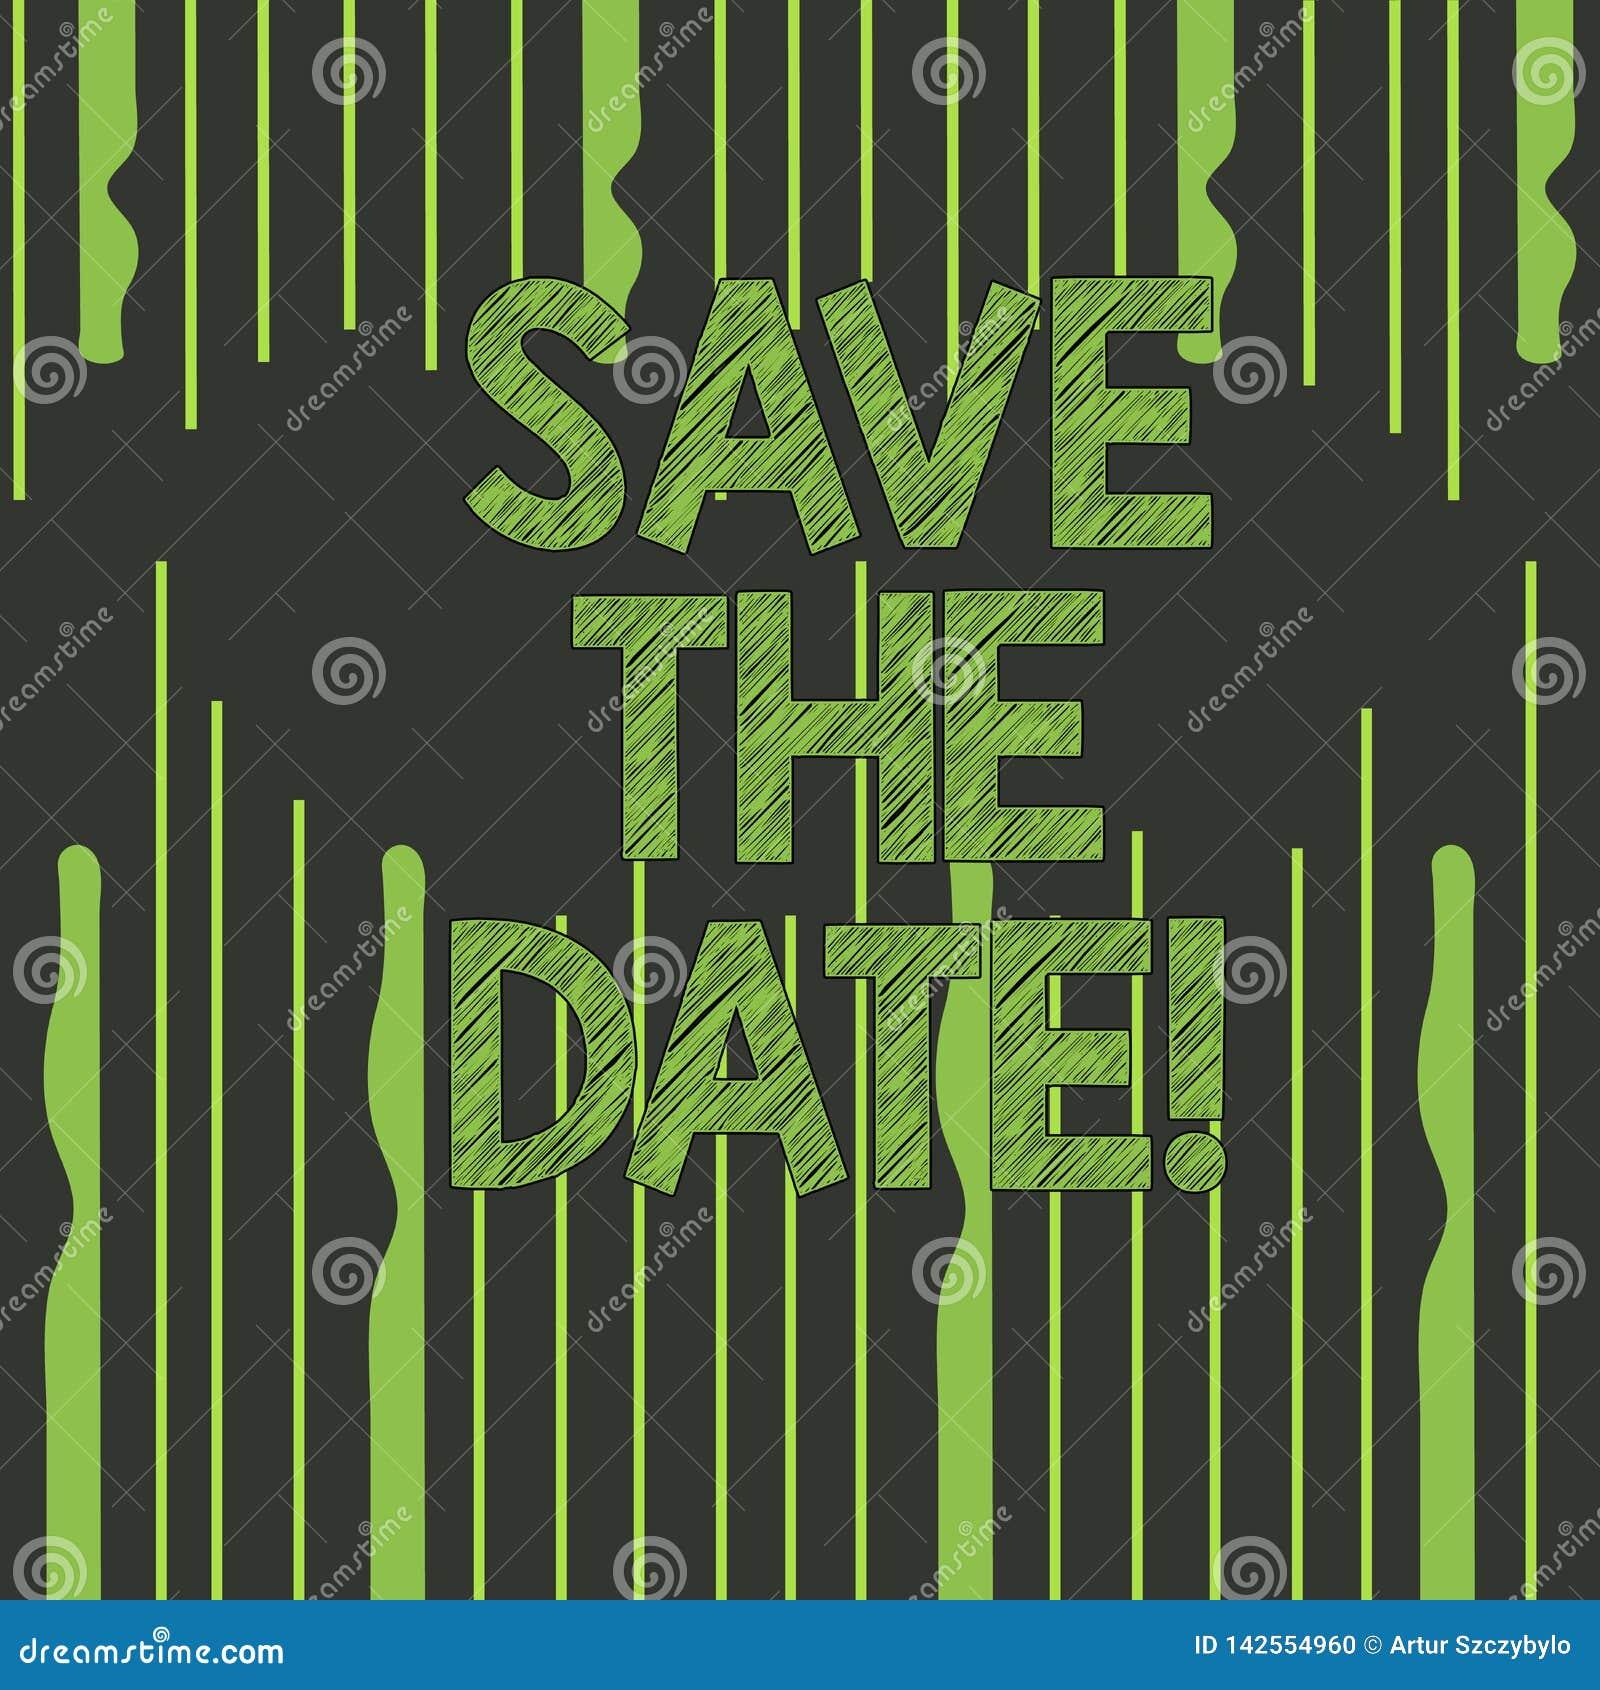 Reserva de la demostración de la muestra del texto la fecha Los acontecimientos de organización de la foto conceptual bien hacen